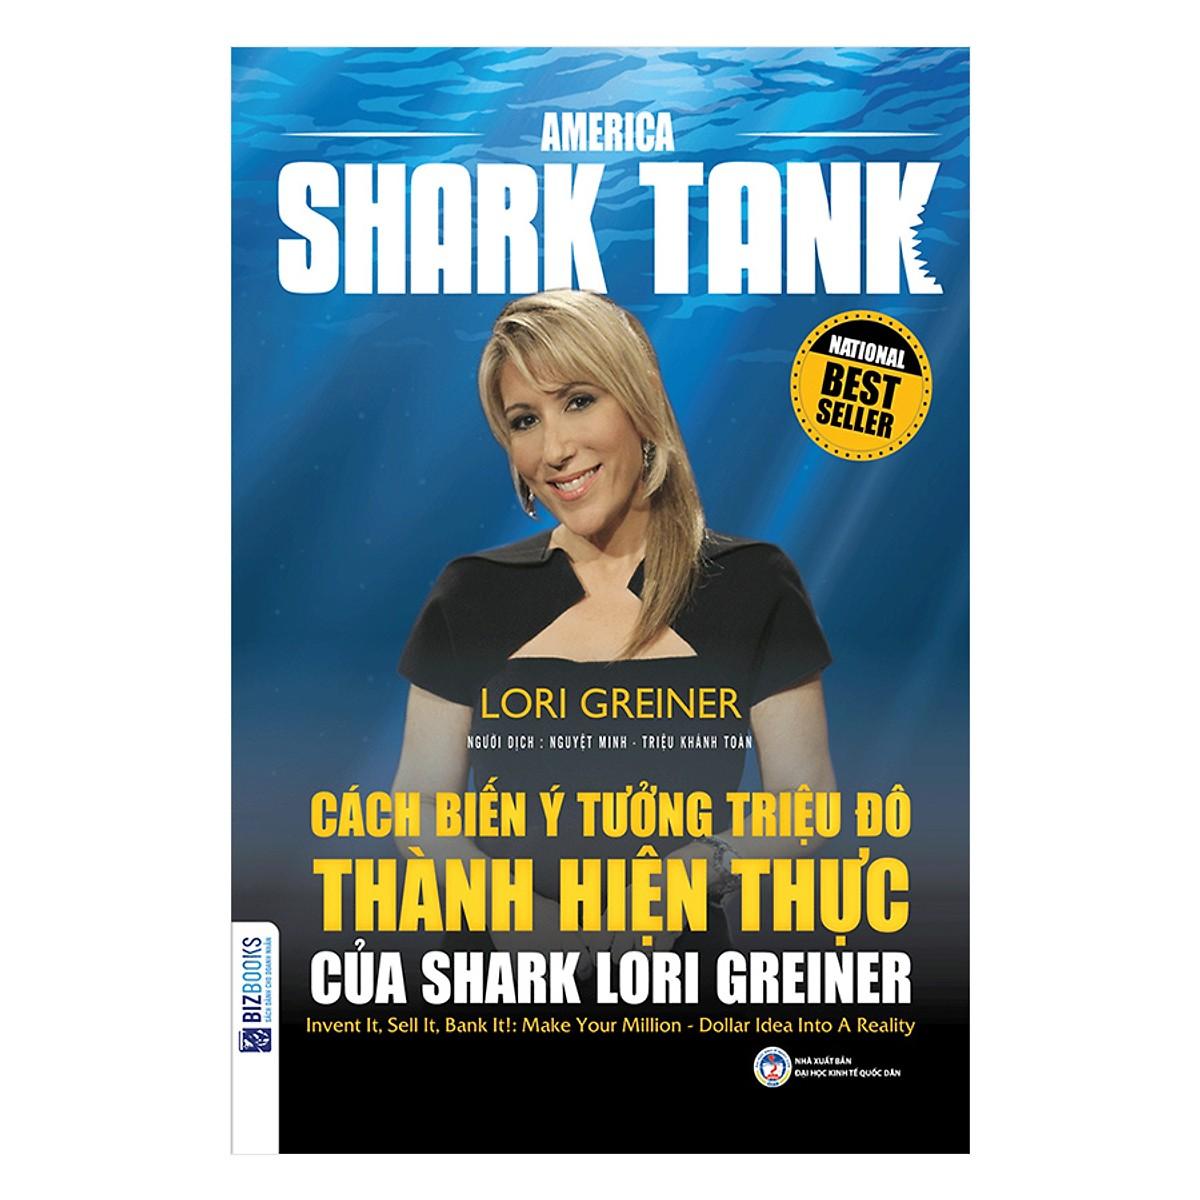 Combo 4 Cuốn Huấn Luyện Kinh Doanh Cùng America Shark Tank(Tặng kèm bút chì Kingbooks)